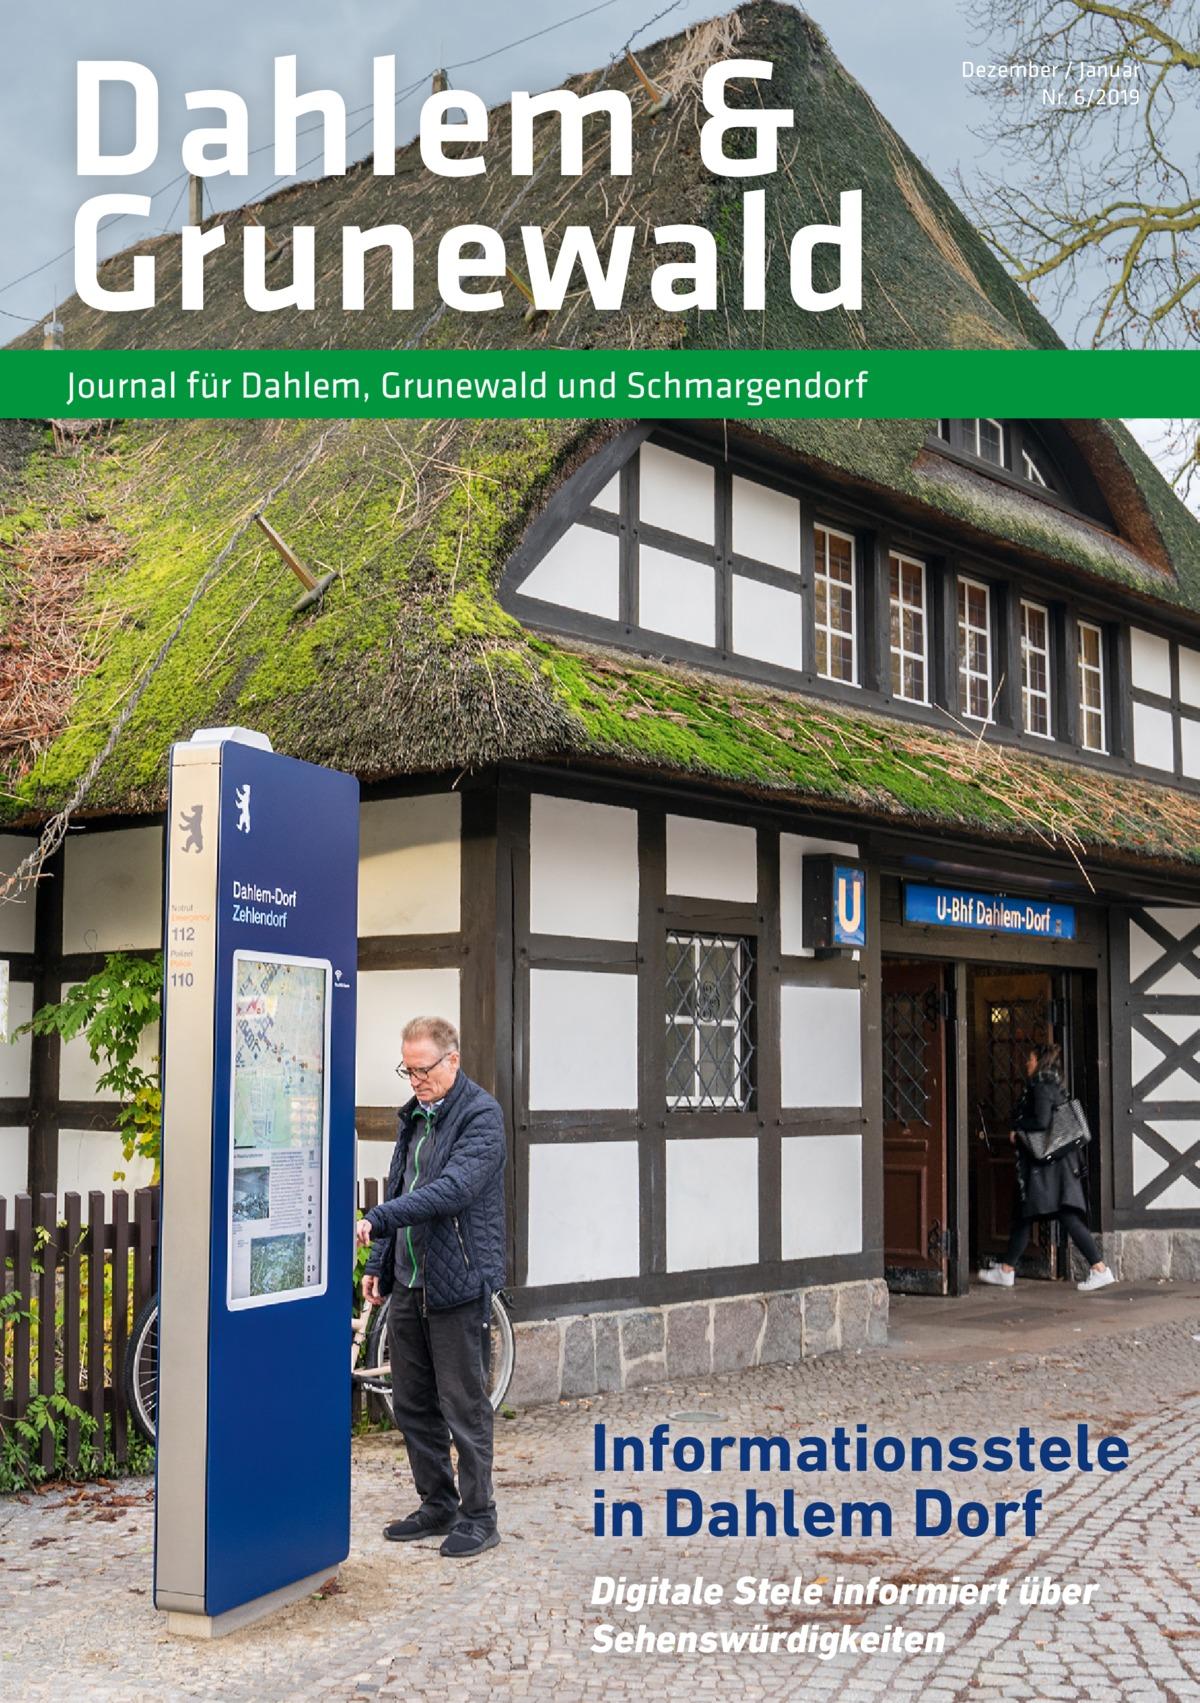 Dahlem und Grunewald Journal